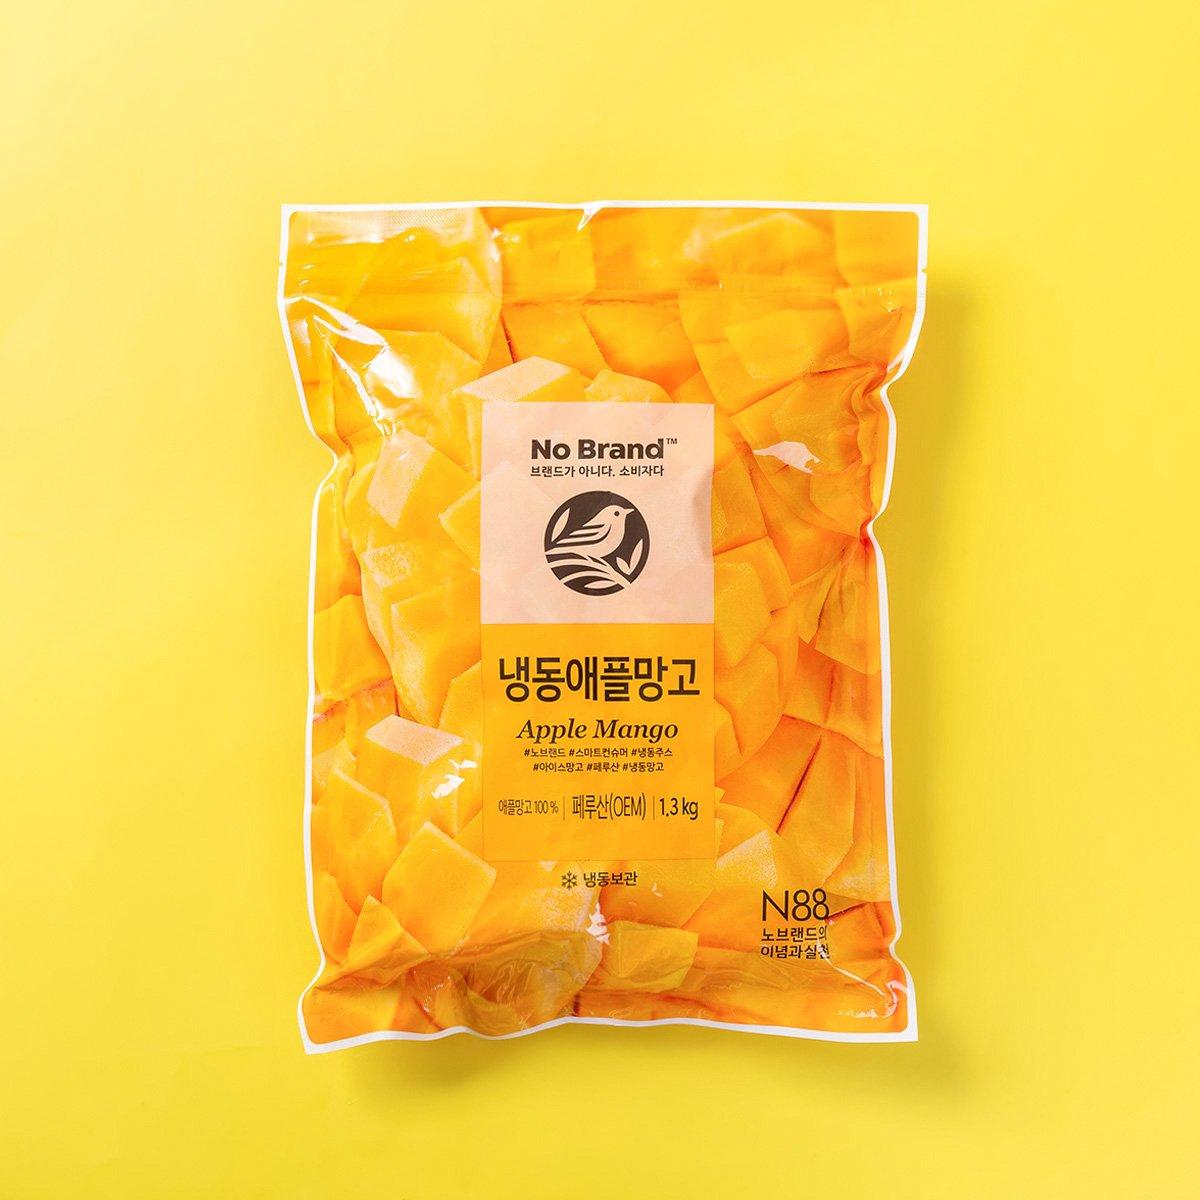 [노브랜드] 냉동 애플망고 1.3kg